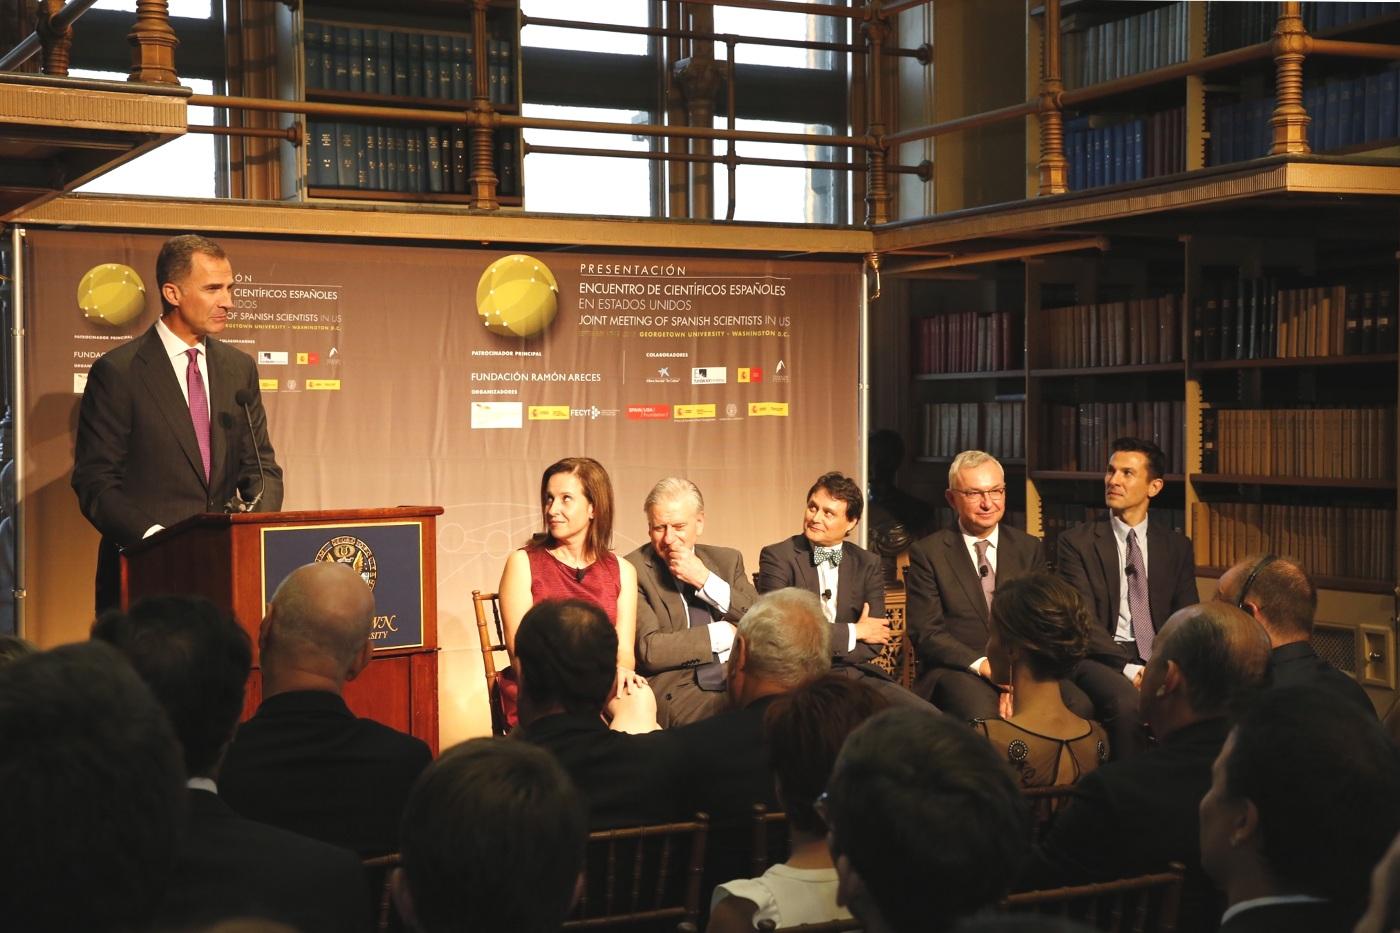 Visita de Felipe VI a la Universidad de Georgetown